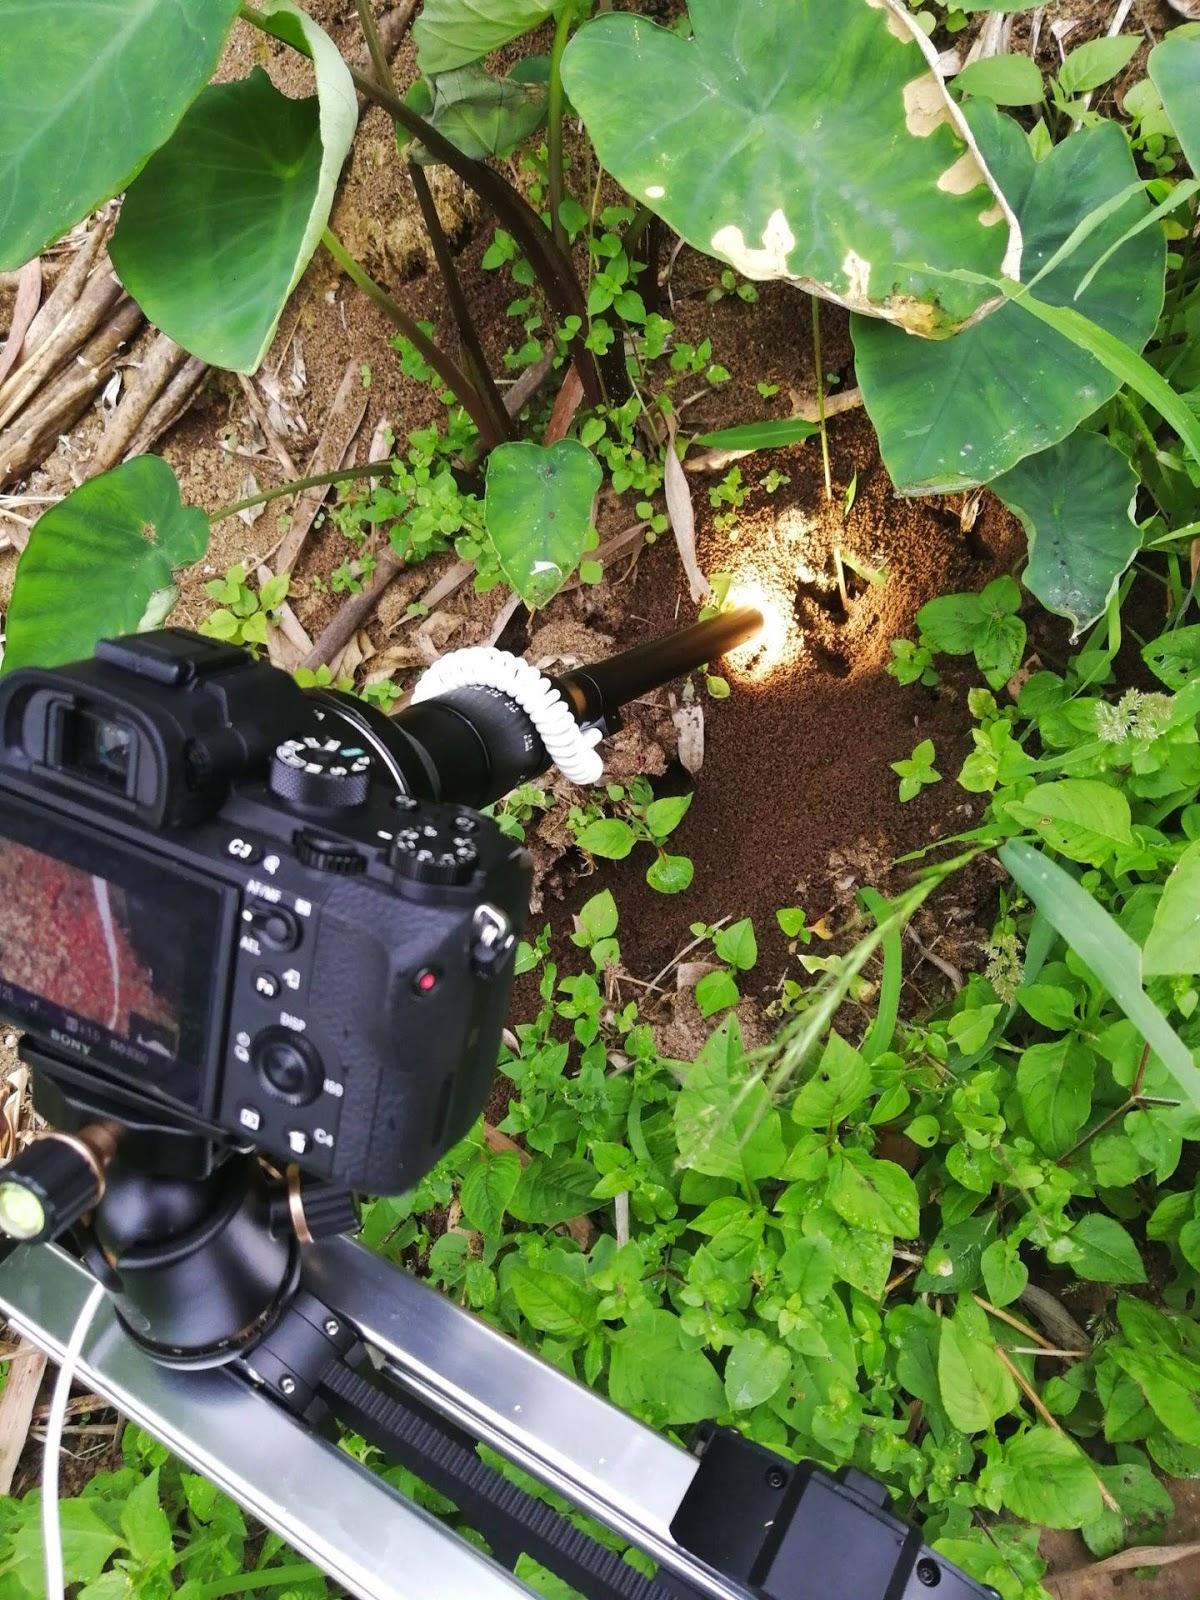 Объектив Laowa 24mm f/14 Relay 2x установлен на камеру Sony A7S II